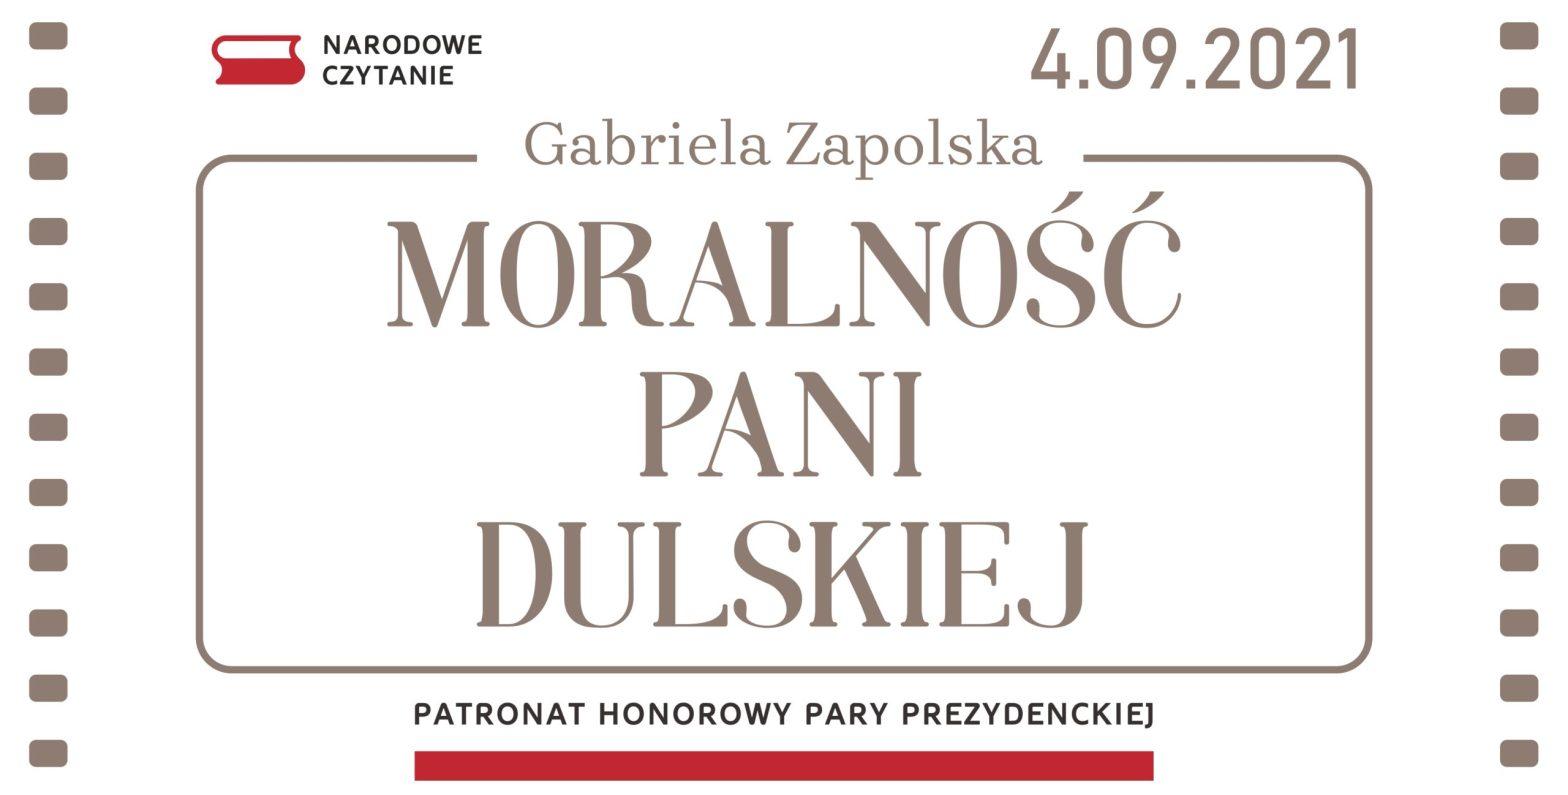 plakat narodowego czytania 2021